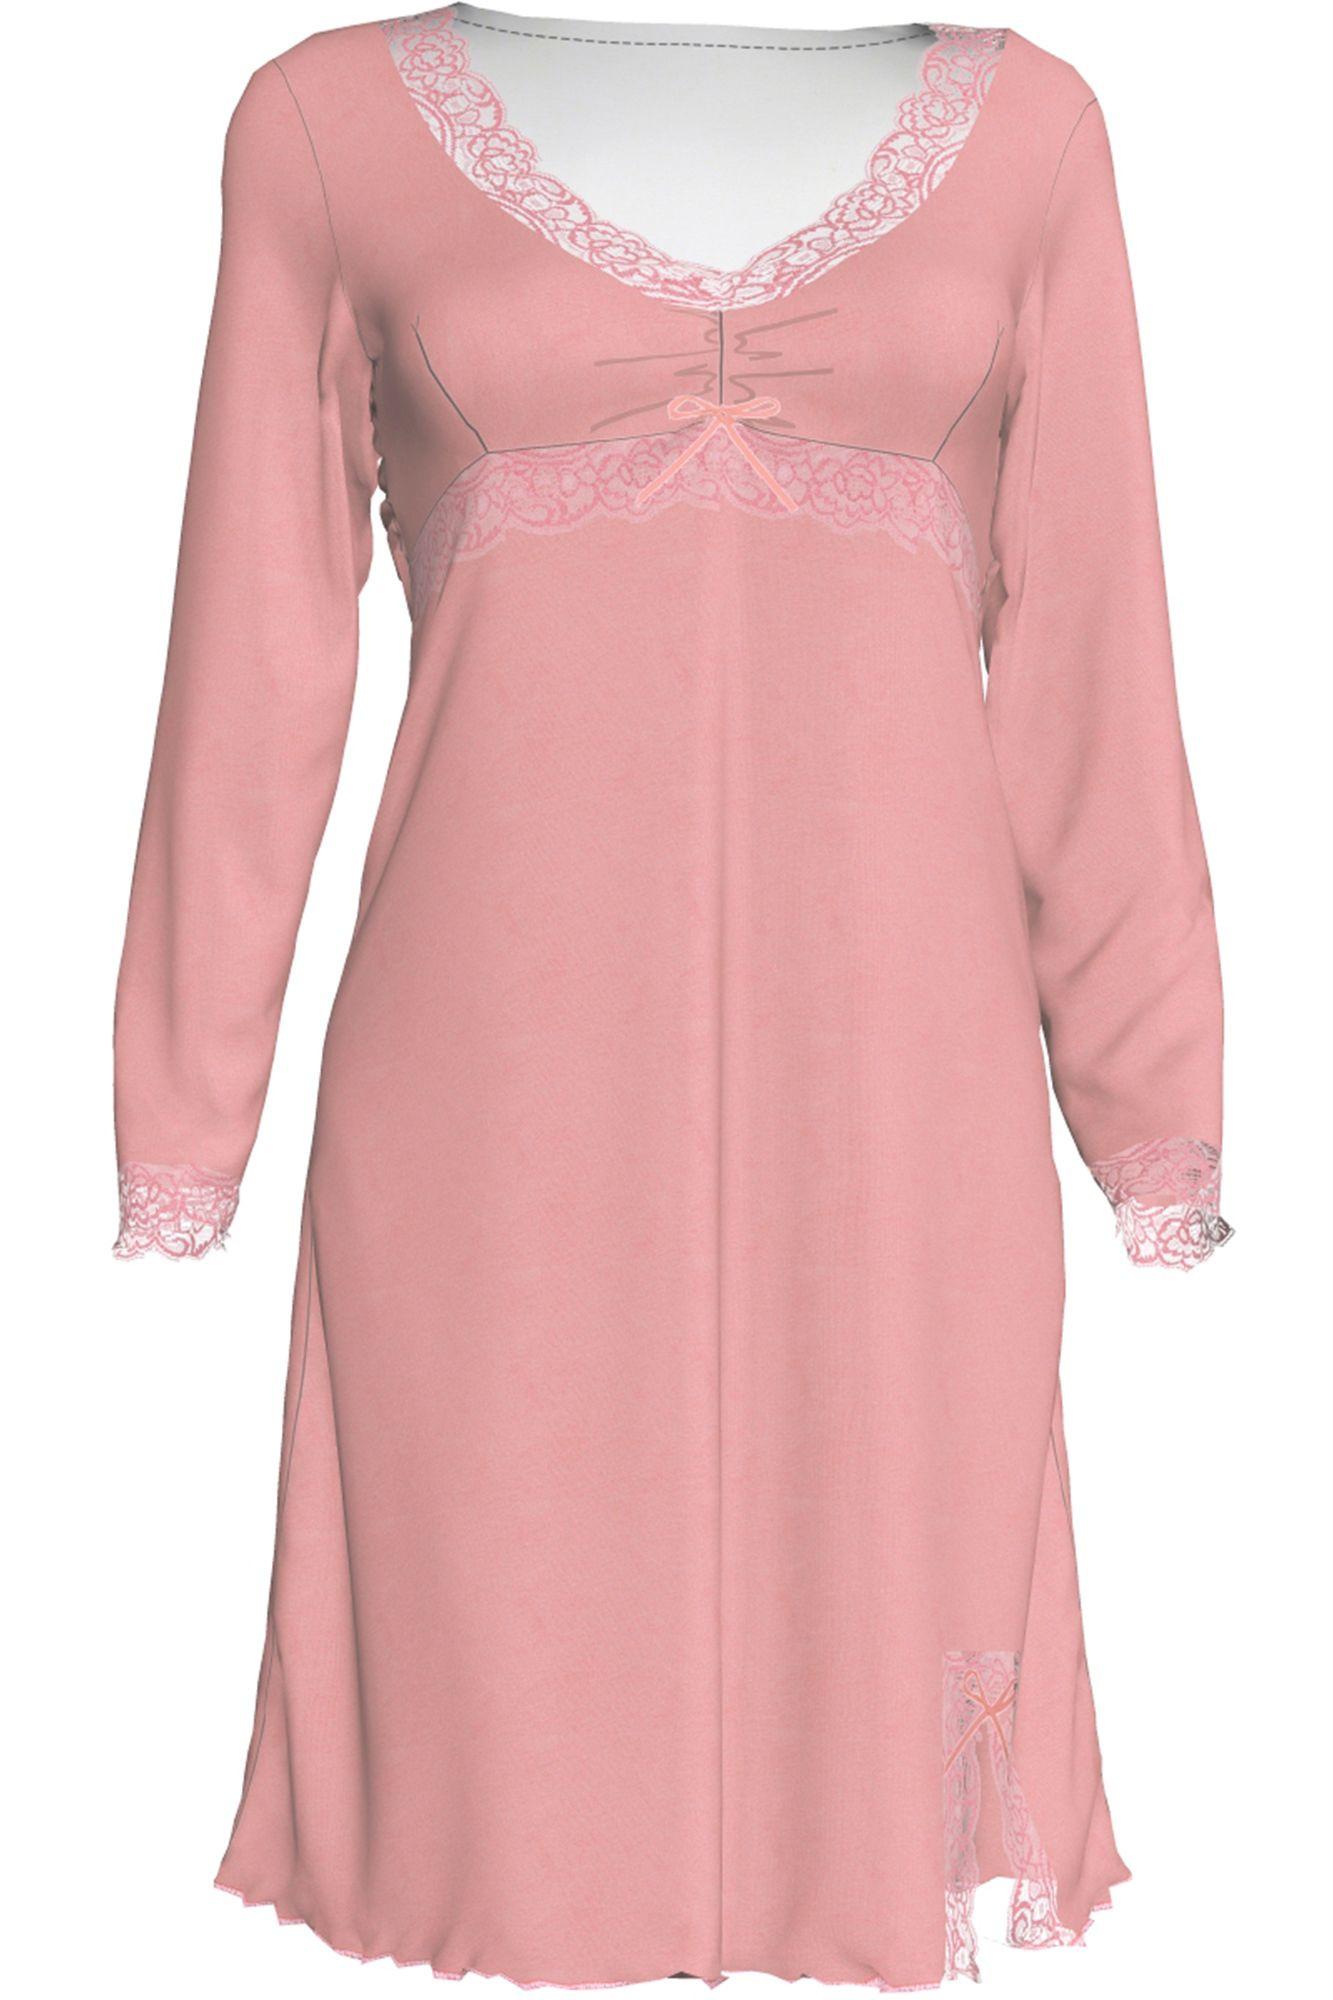 Dámská noční košile Diana 00-10-2689 - Vamp Barva: růžová, Velikost: L